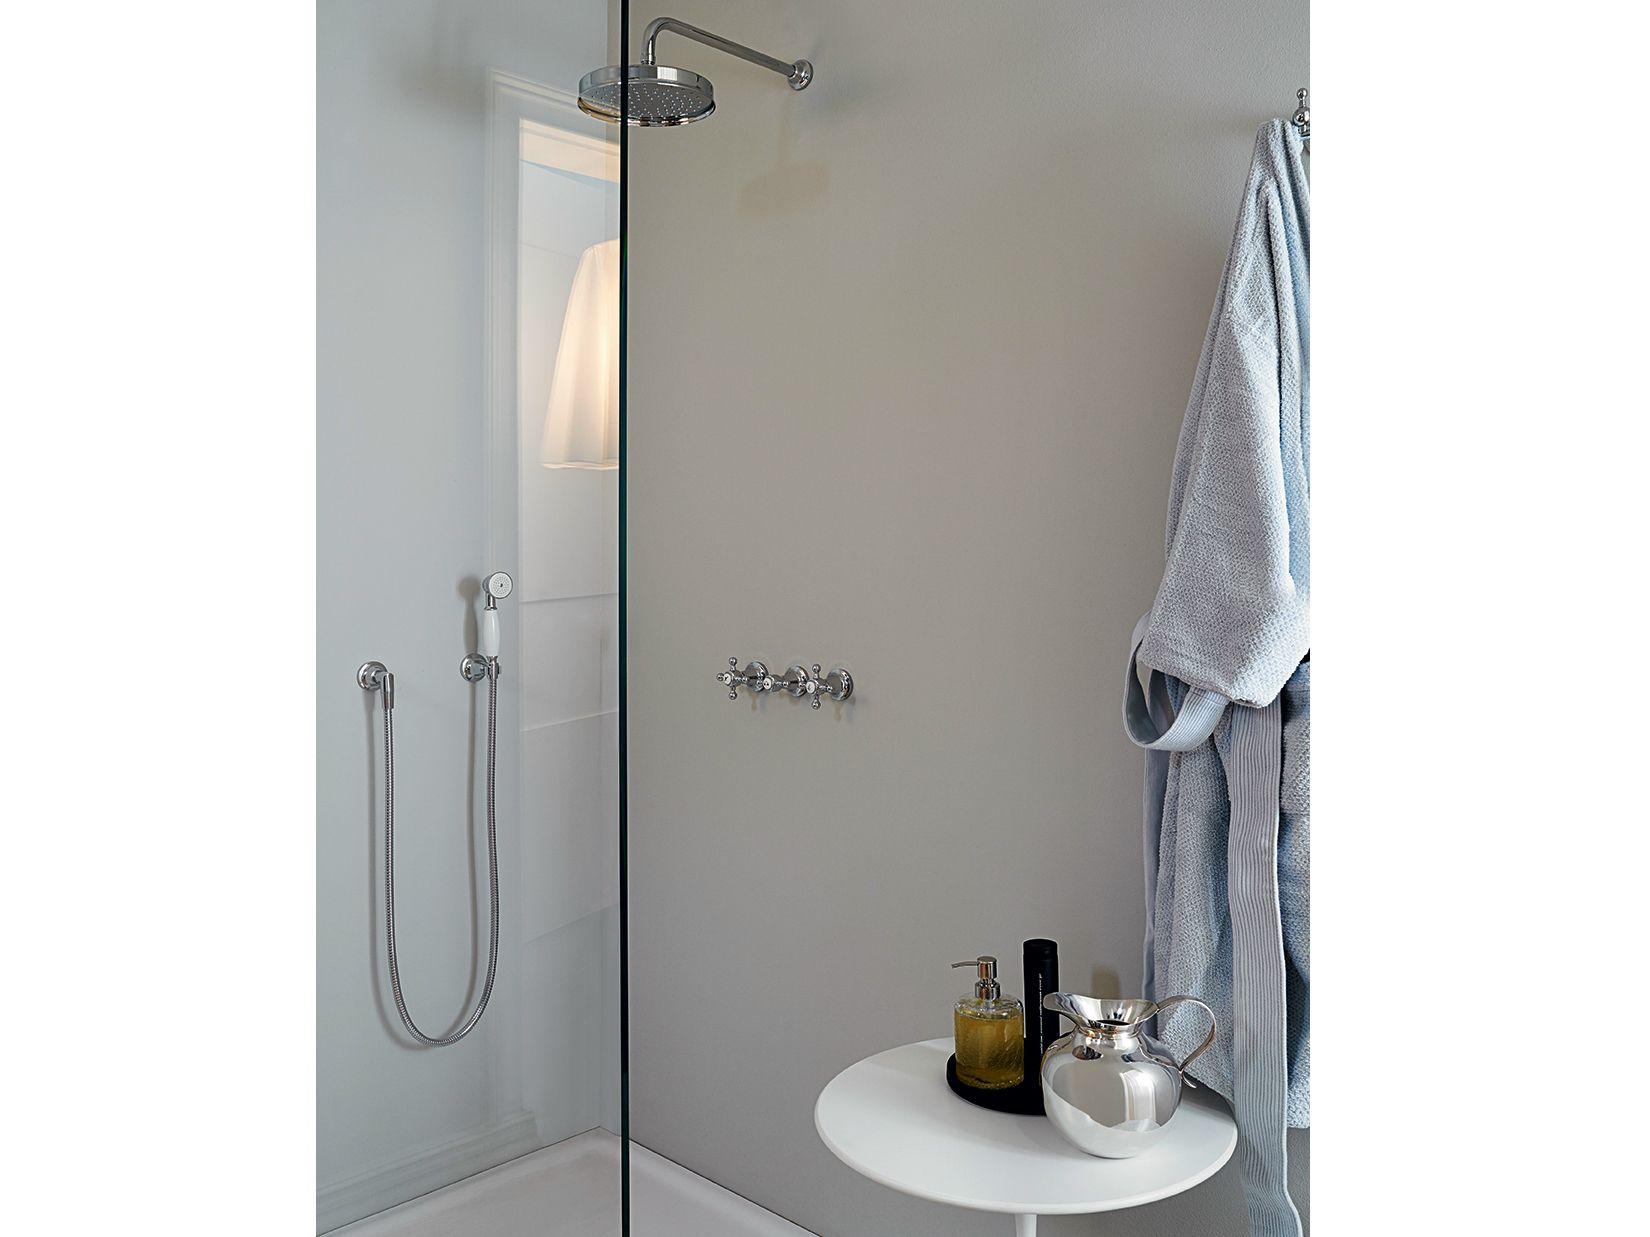 Agor grifo para ducha con ducha de mano by zucchetti for Grifos de ducha termostaticos precios